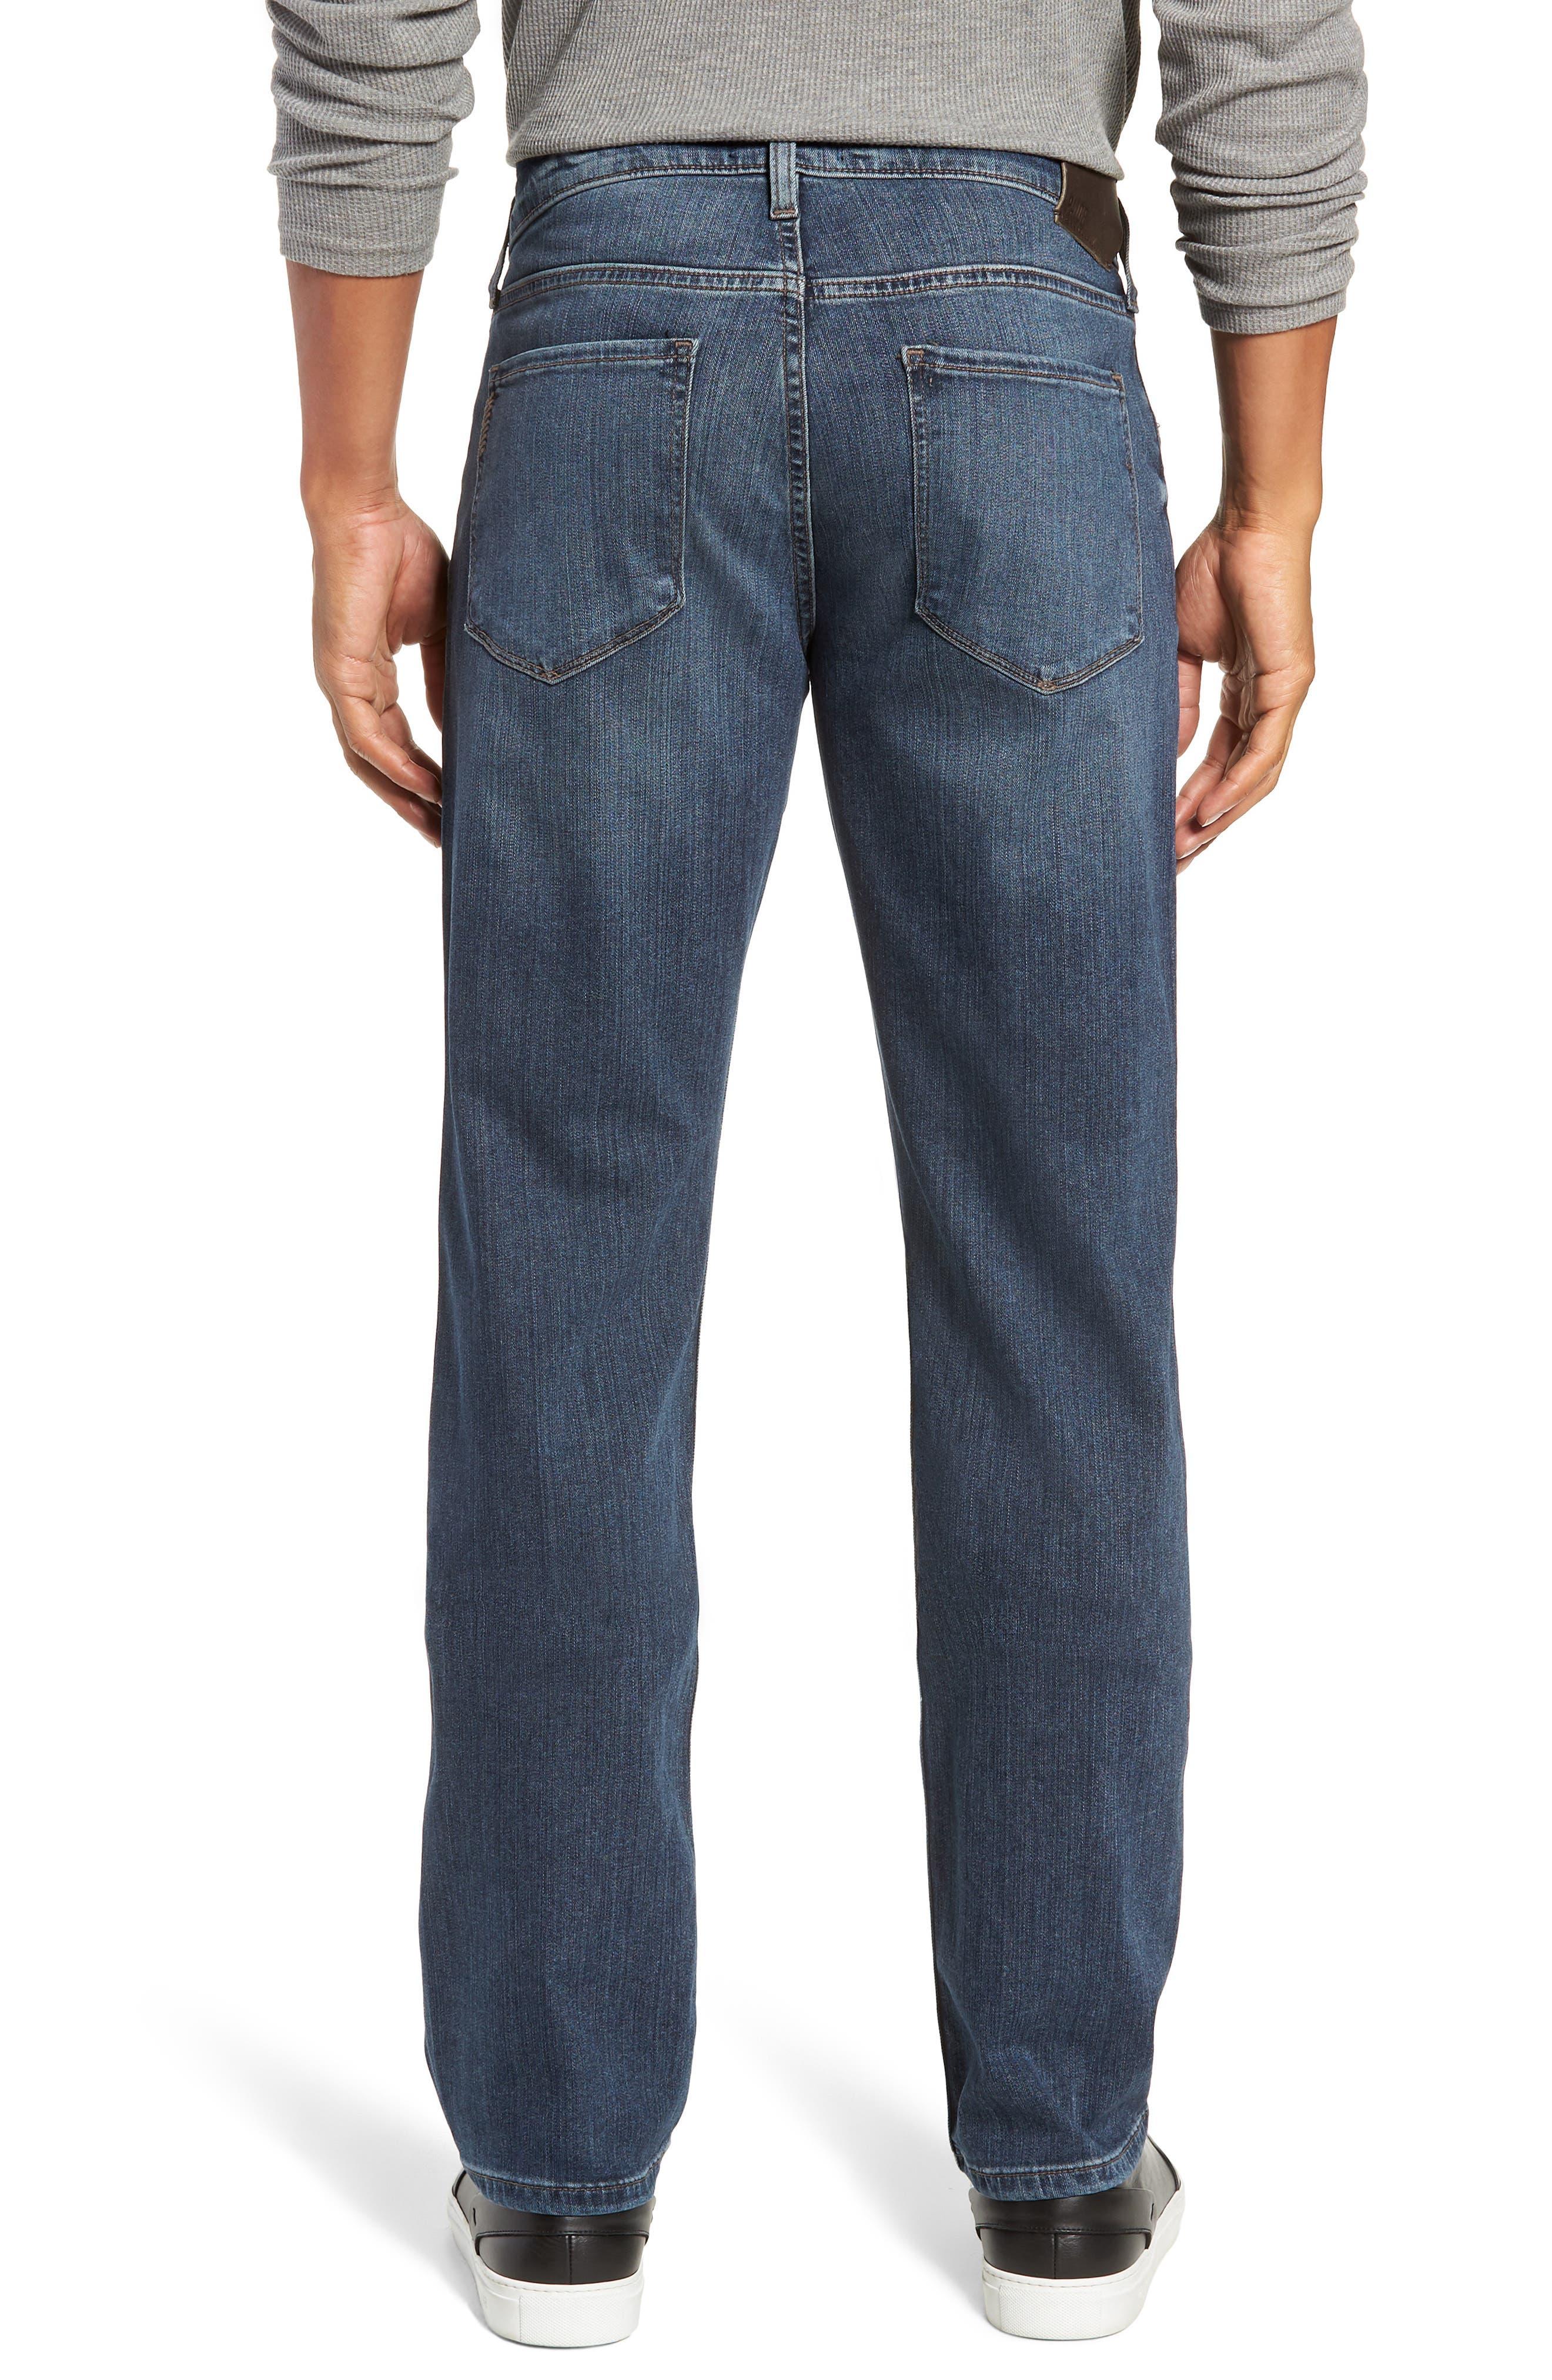 Transcend - Normandie Straight Leg Jeans,                             Alternate thumbnail 2, color,                             DILLON